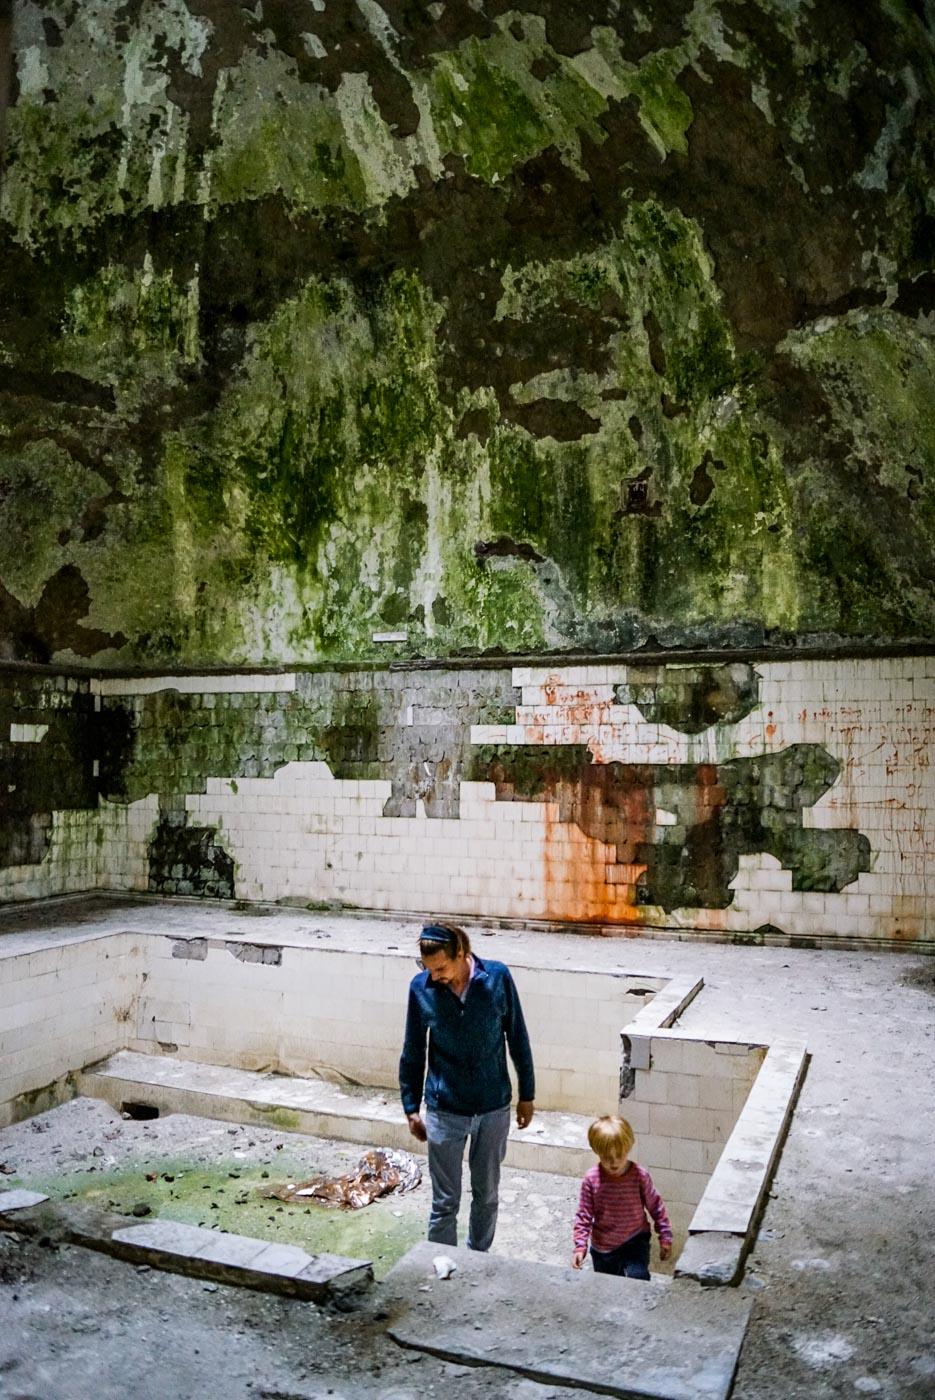 Luk und Paul stehen in einem leeren Swimmingpool in einem der verlassenen Sanatorium. Die Kacheln bröckeln von den Wänden dahinter scheint zeigt sich Moos ebenso istdie gewölbeartige Decke ist tief grün.